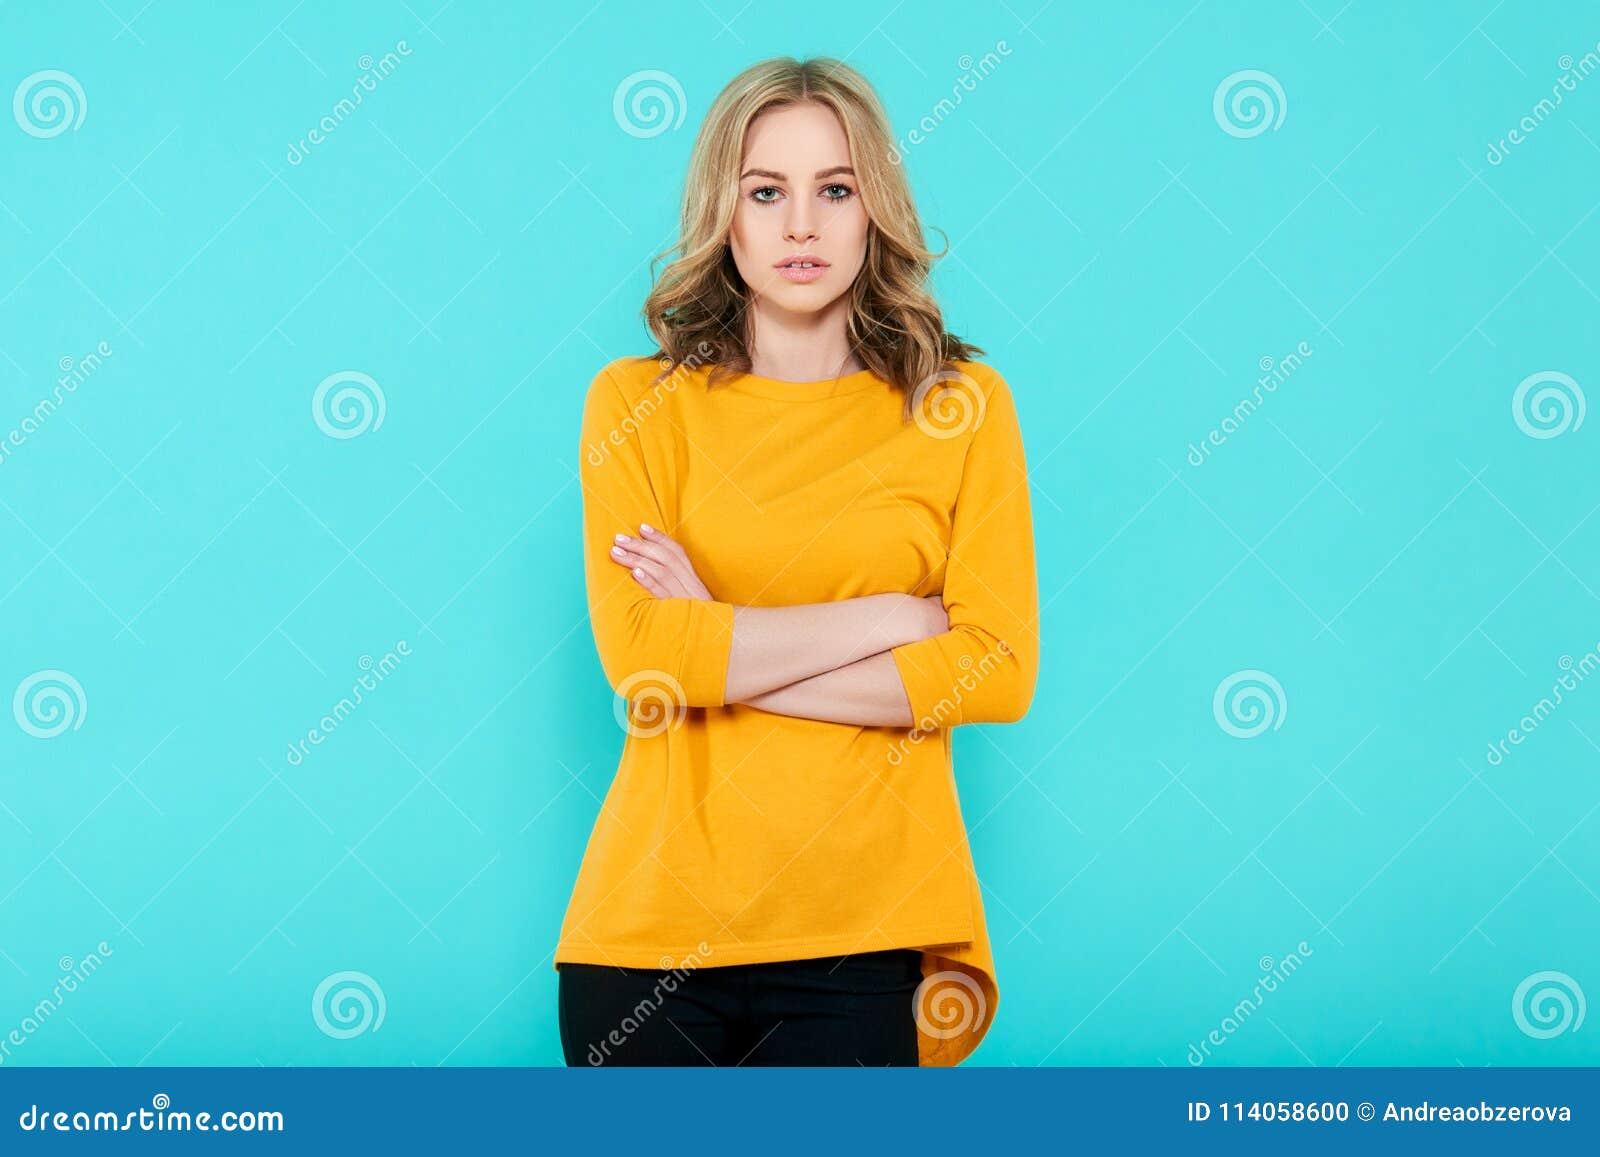 Mooie sexy jonge vrouw in helder geel hoogste studioportret op pastelkleur blauwe achtergrond Aantrekkelijke vrouw met gekruiste